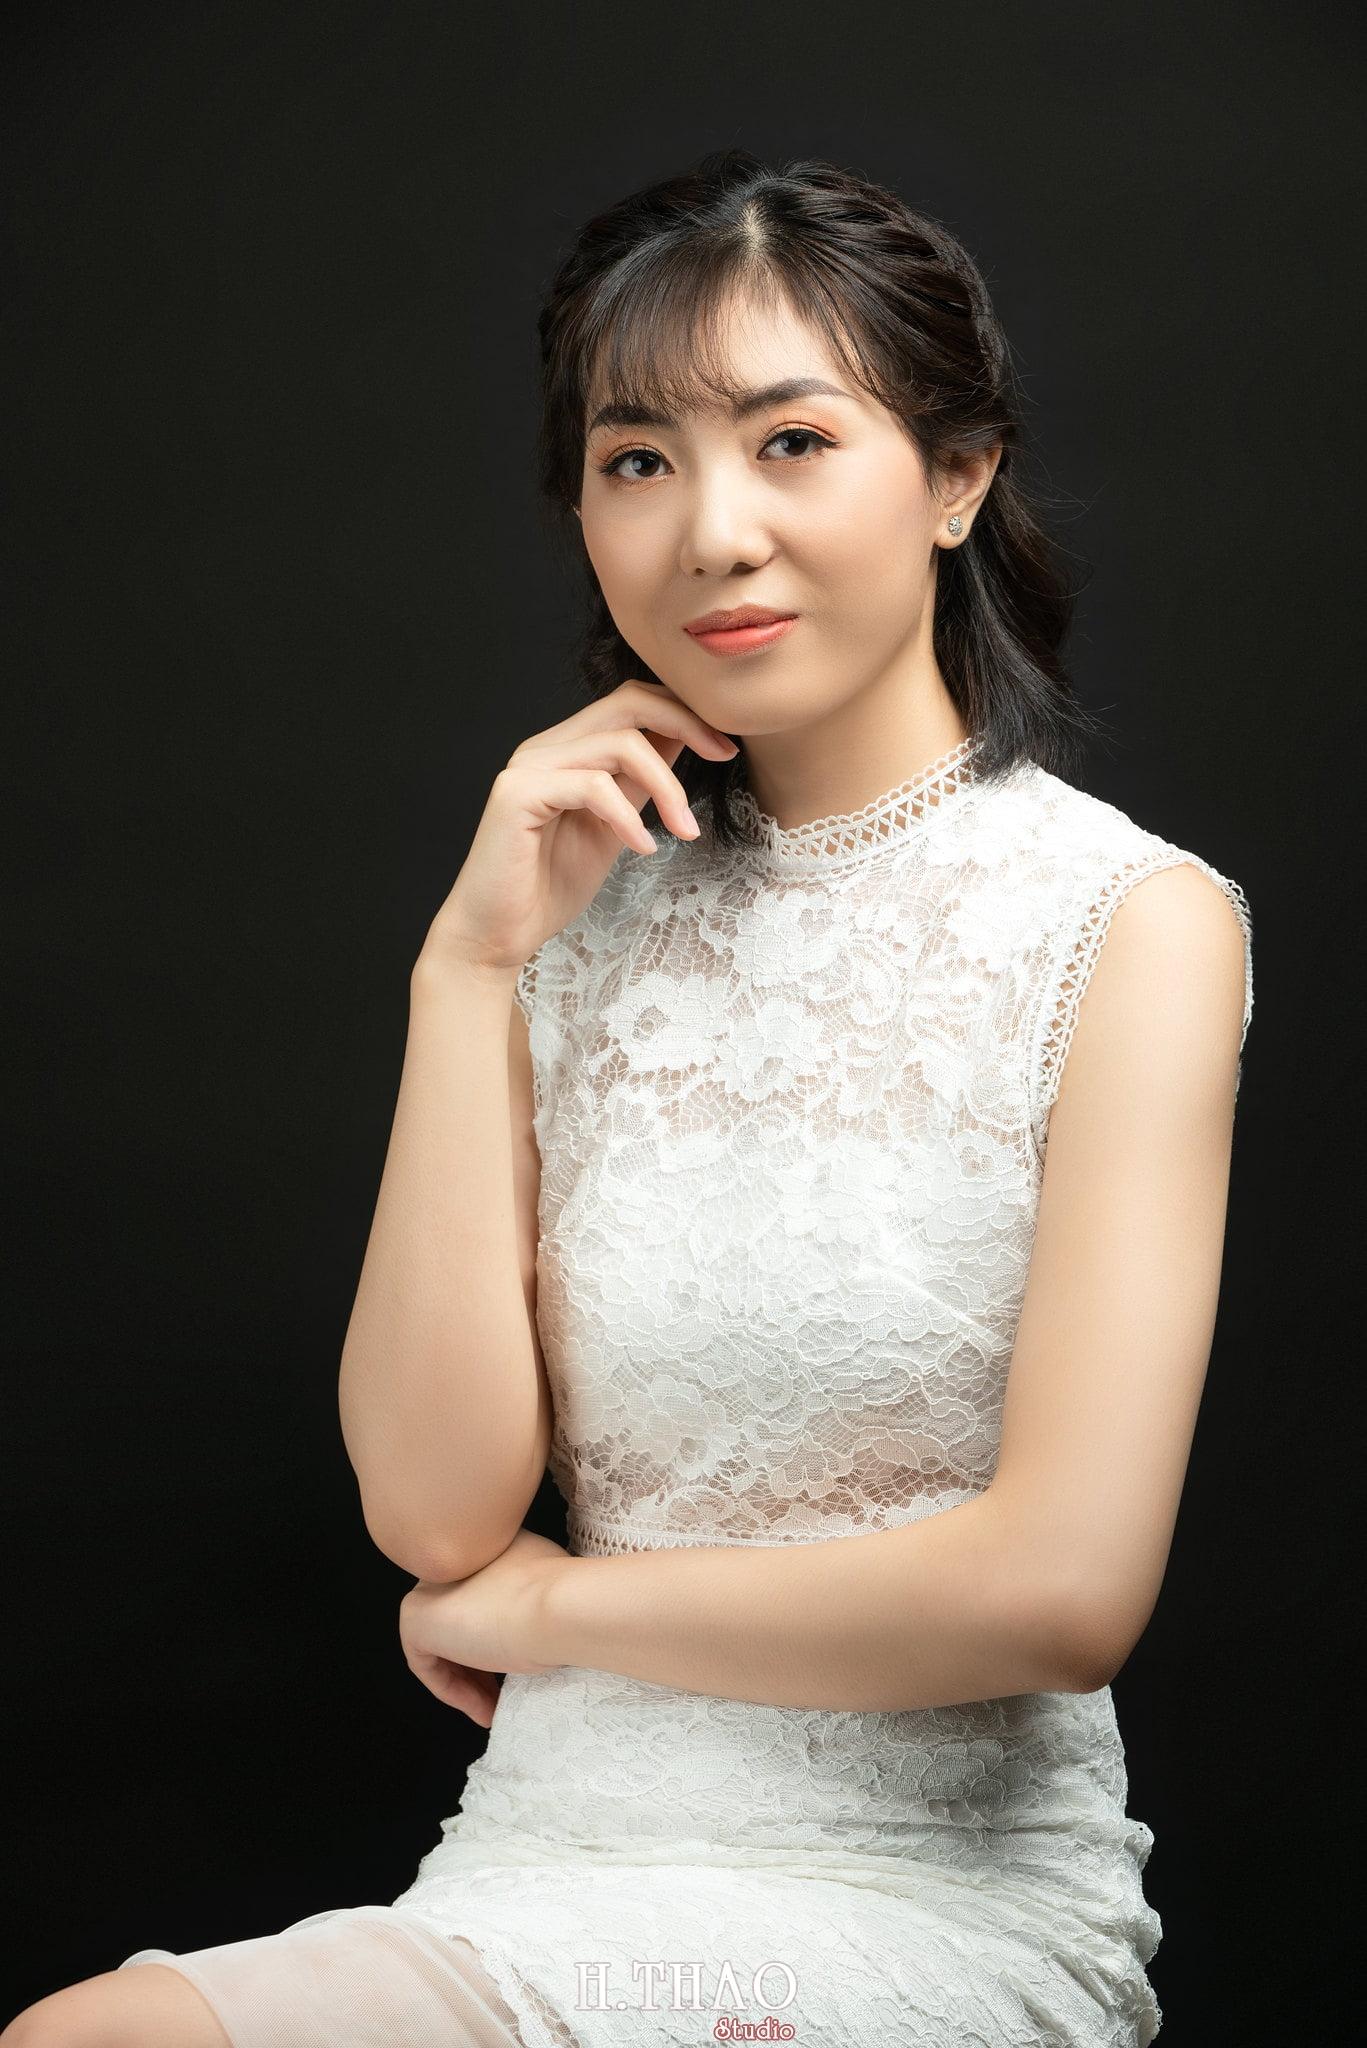 Minh Thuy 13 - Album ảnh profile cá nhân nữ Minh Thùy - HThao Studio